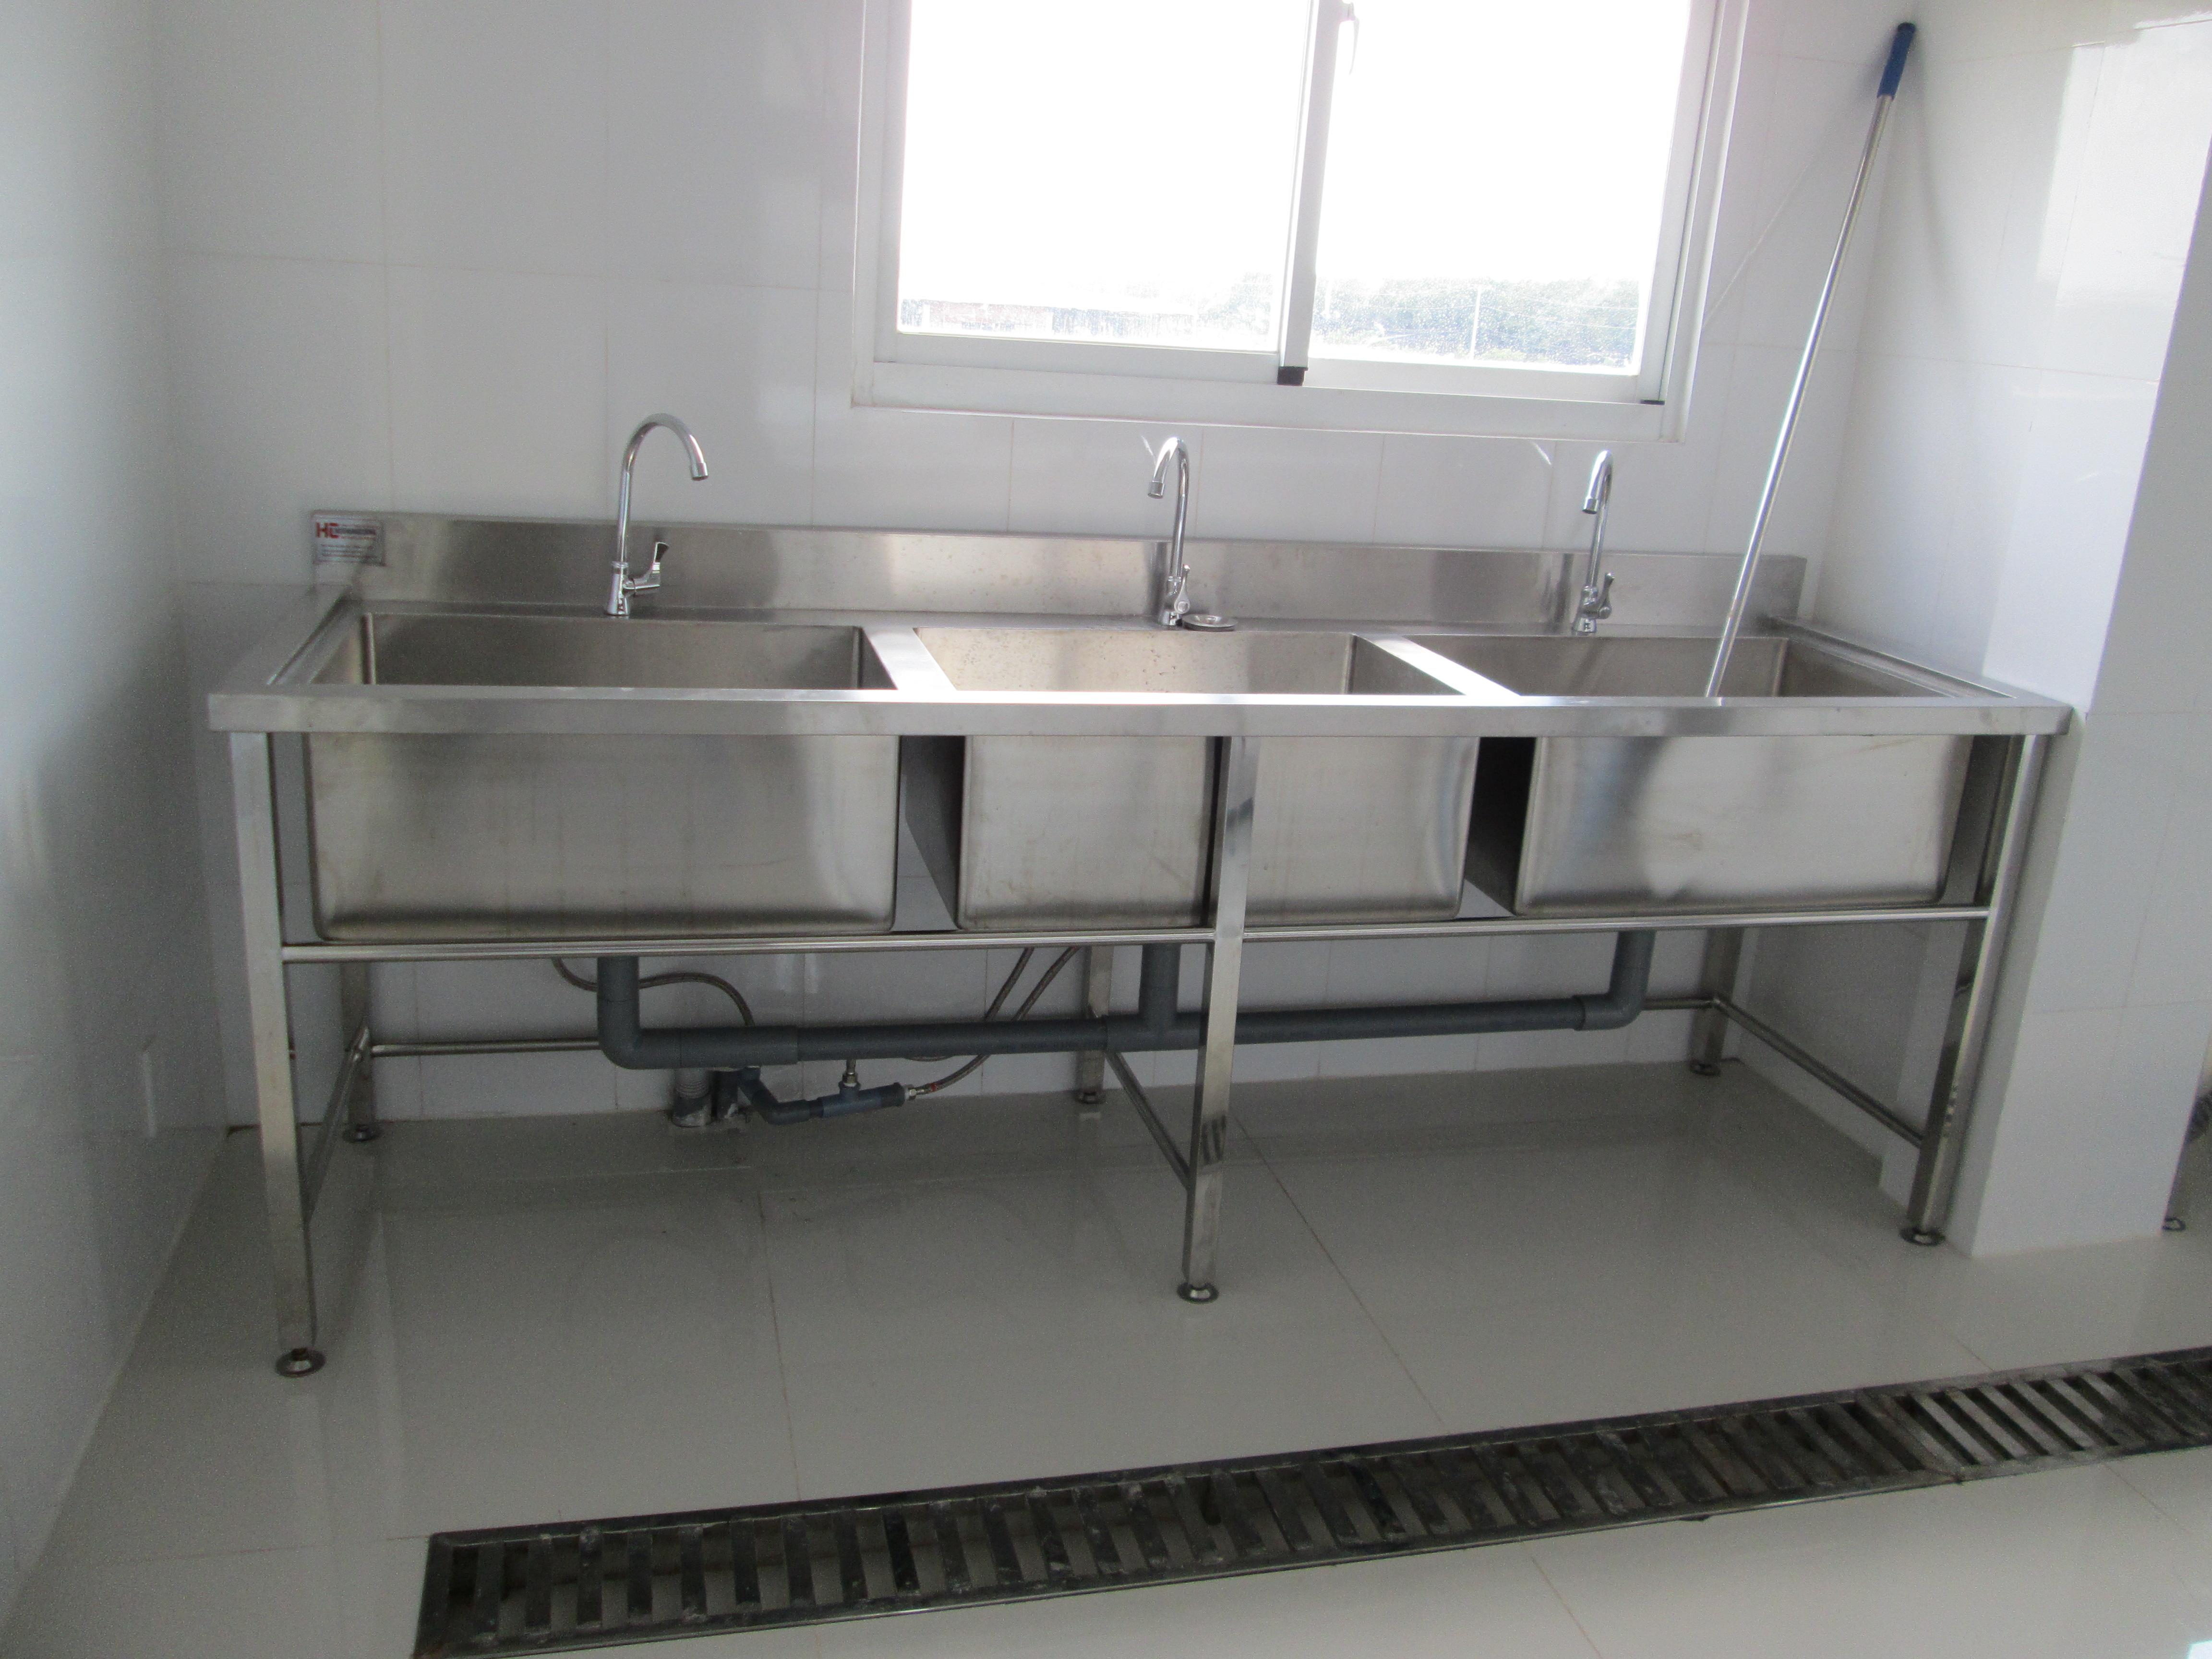 Tư vấn thiết kế chậu rửa công nghiệp đáp ứng mọi nhu cầu sử dụng